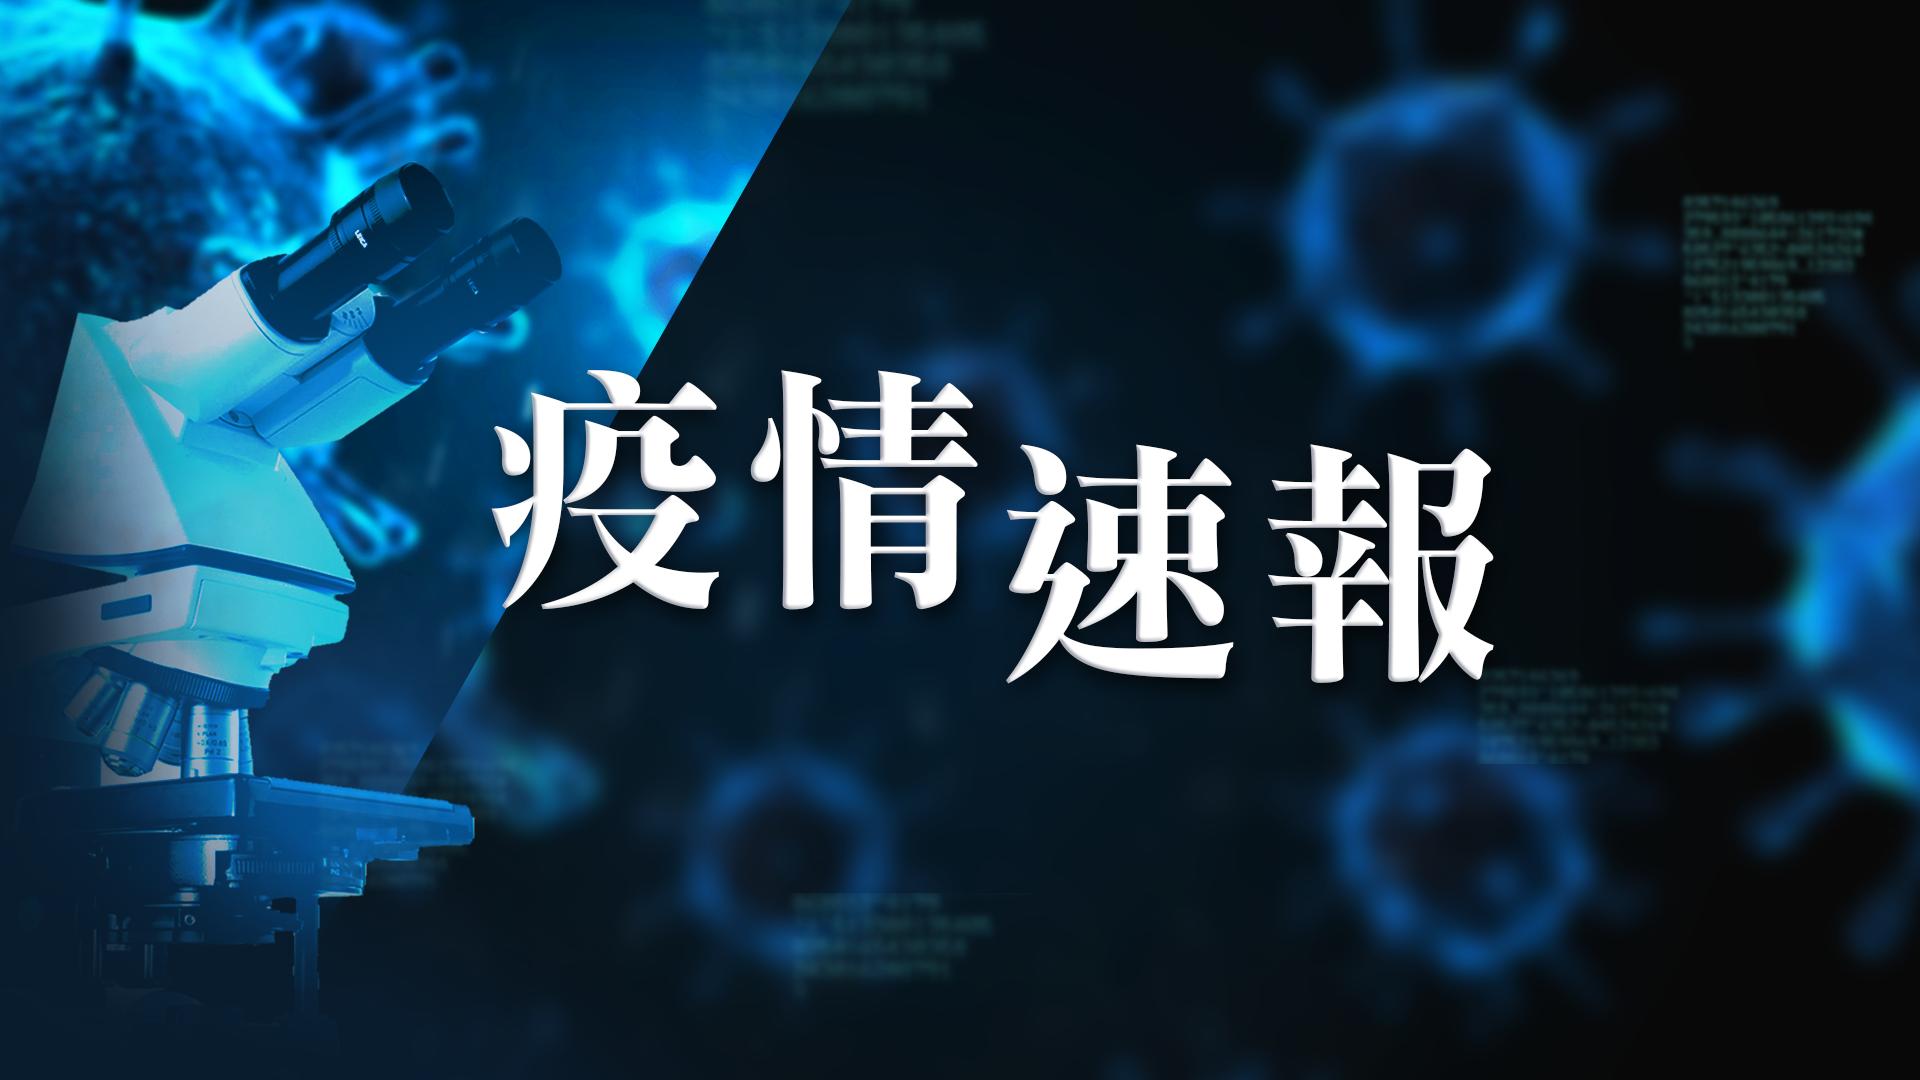 【8月3日疫情速報】(23:50)